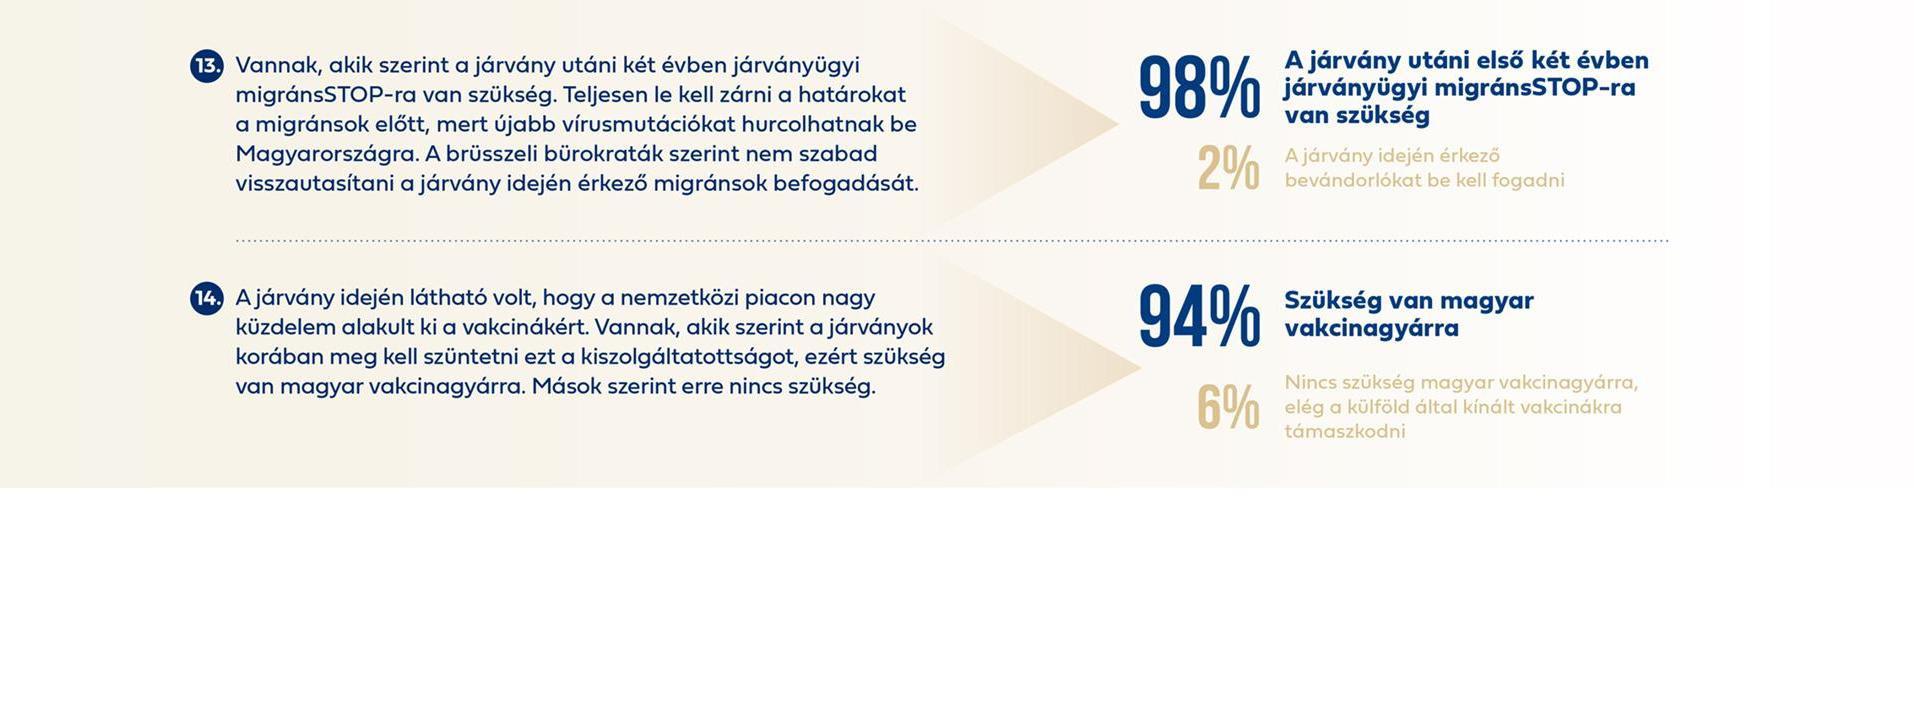 A nemzeti konzultáció eredményei